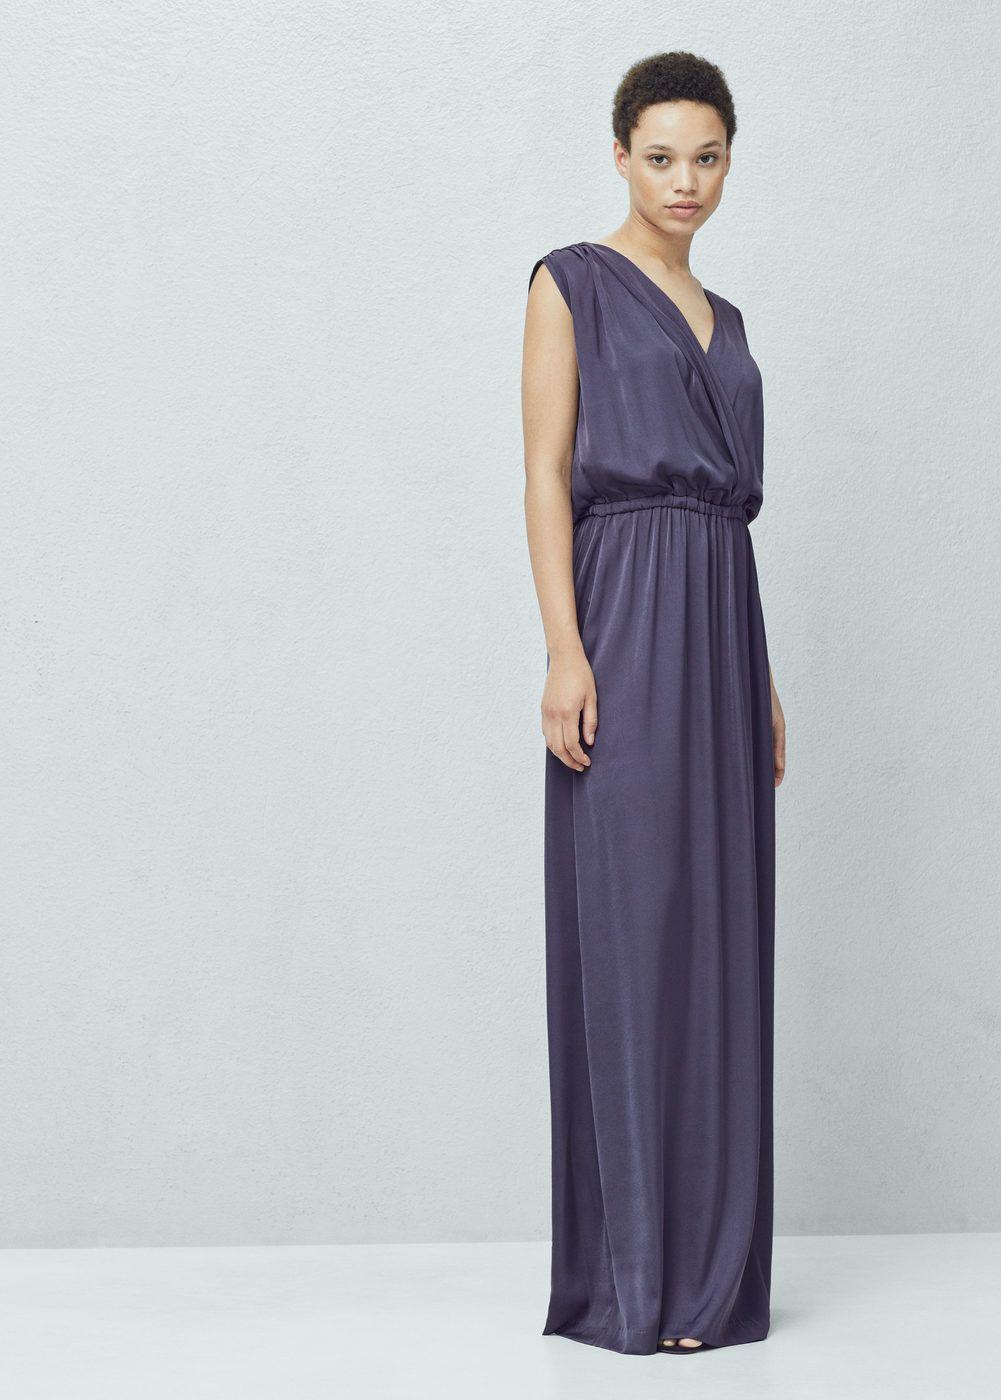 Vestido largo fluido - Mujer | Vestido largo, Mango y Vestiditos